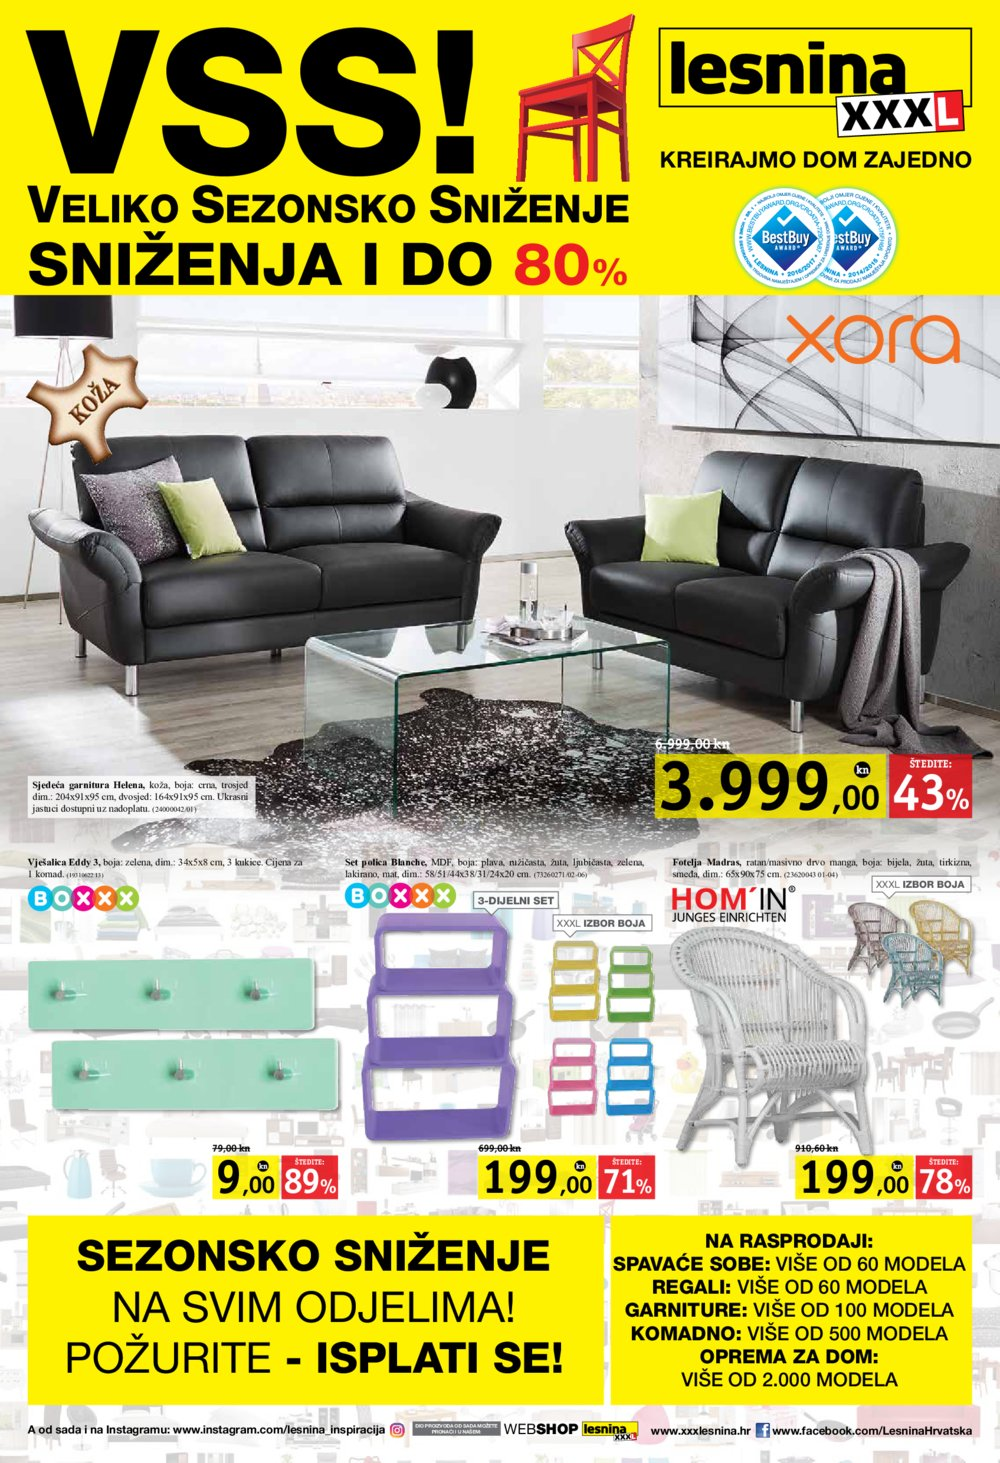 Lesnina katalog Veliko sezonsko sniženje 04.07.-17.07.